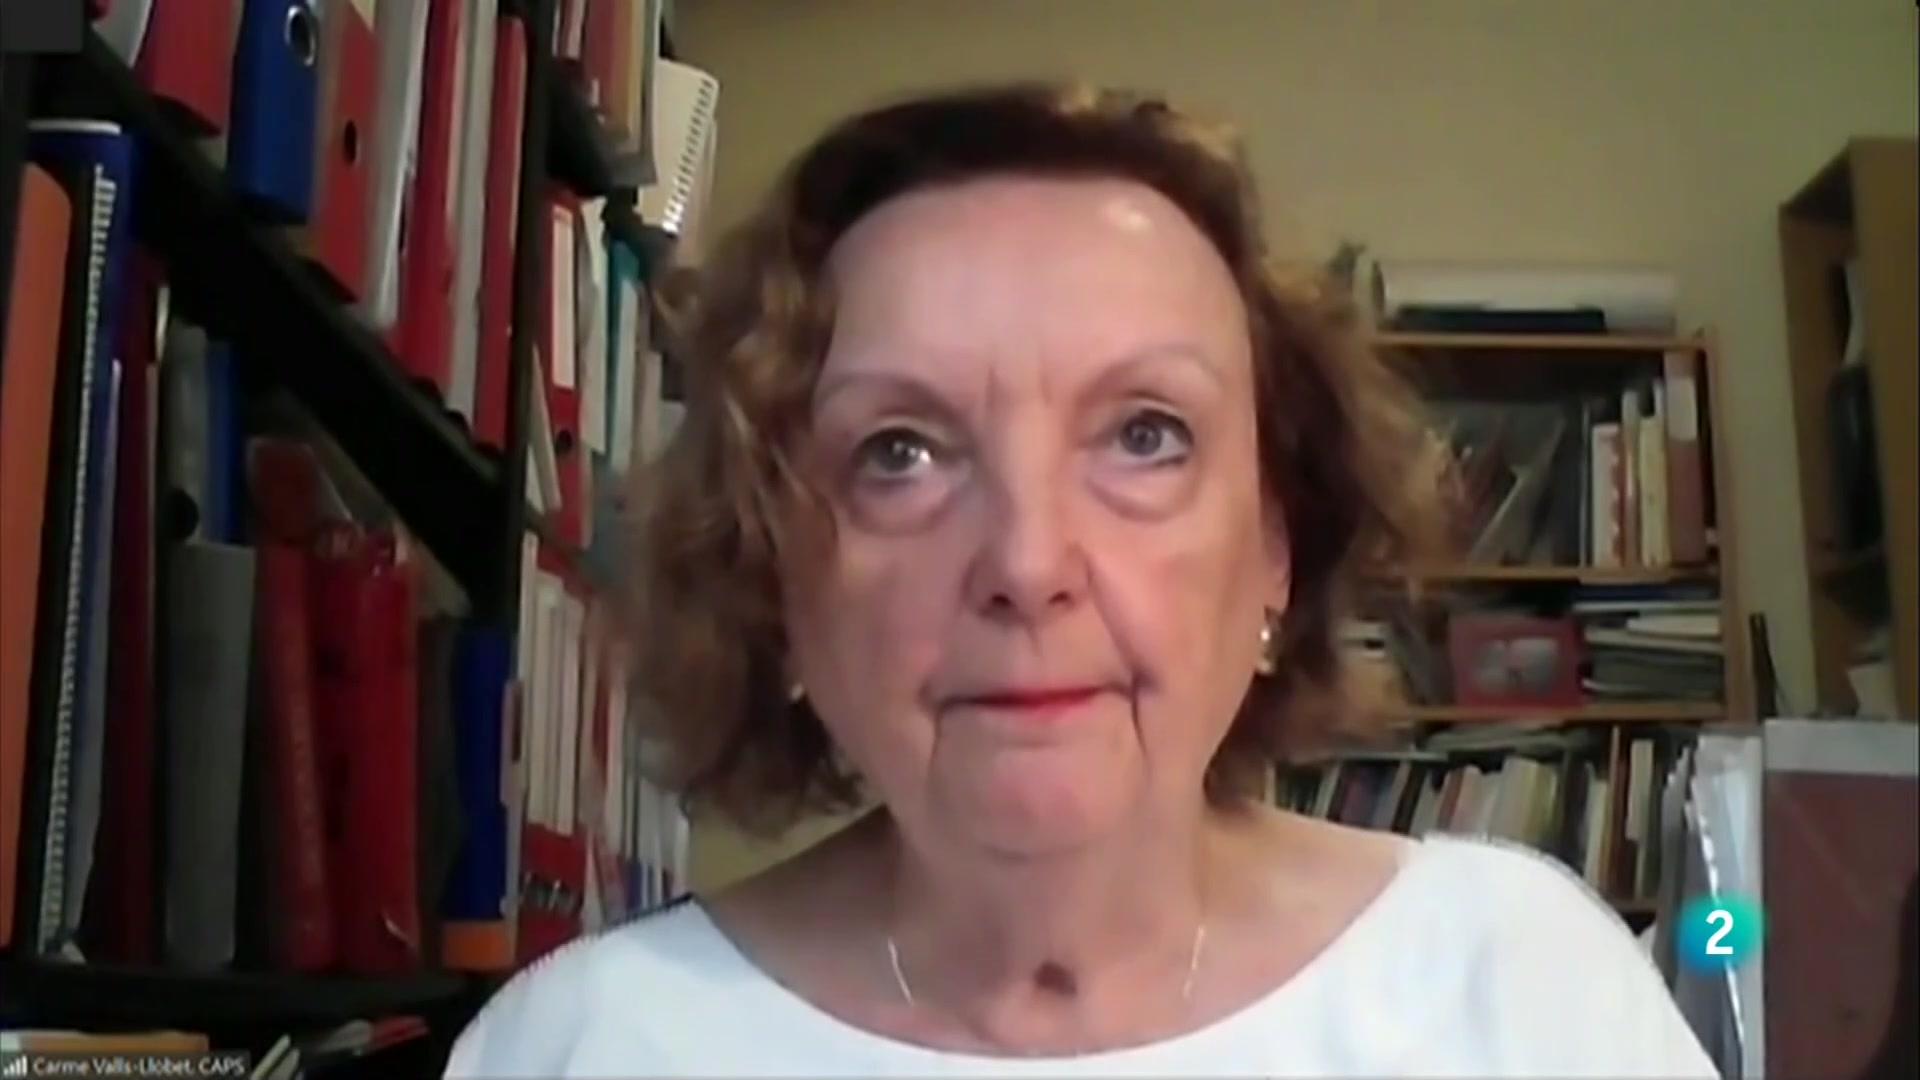 """Carme Valls : """"Les dones tenen més efectes secundaris per una millor reacció immunològica"""""""